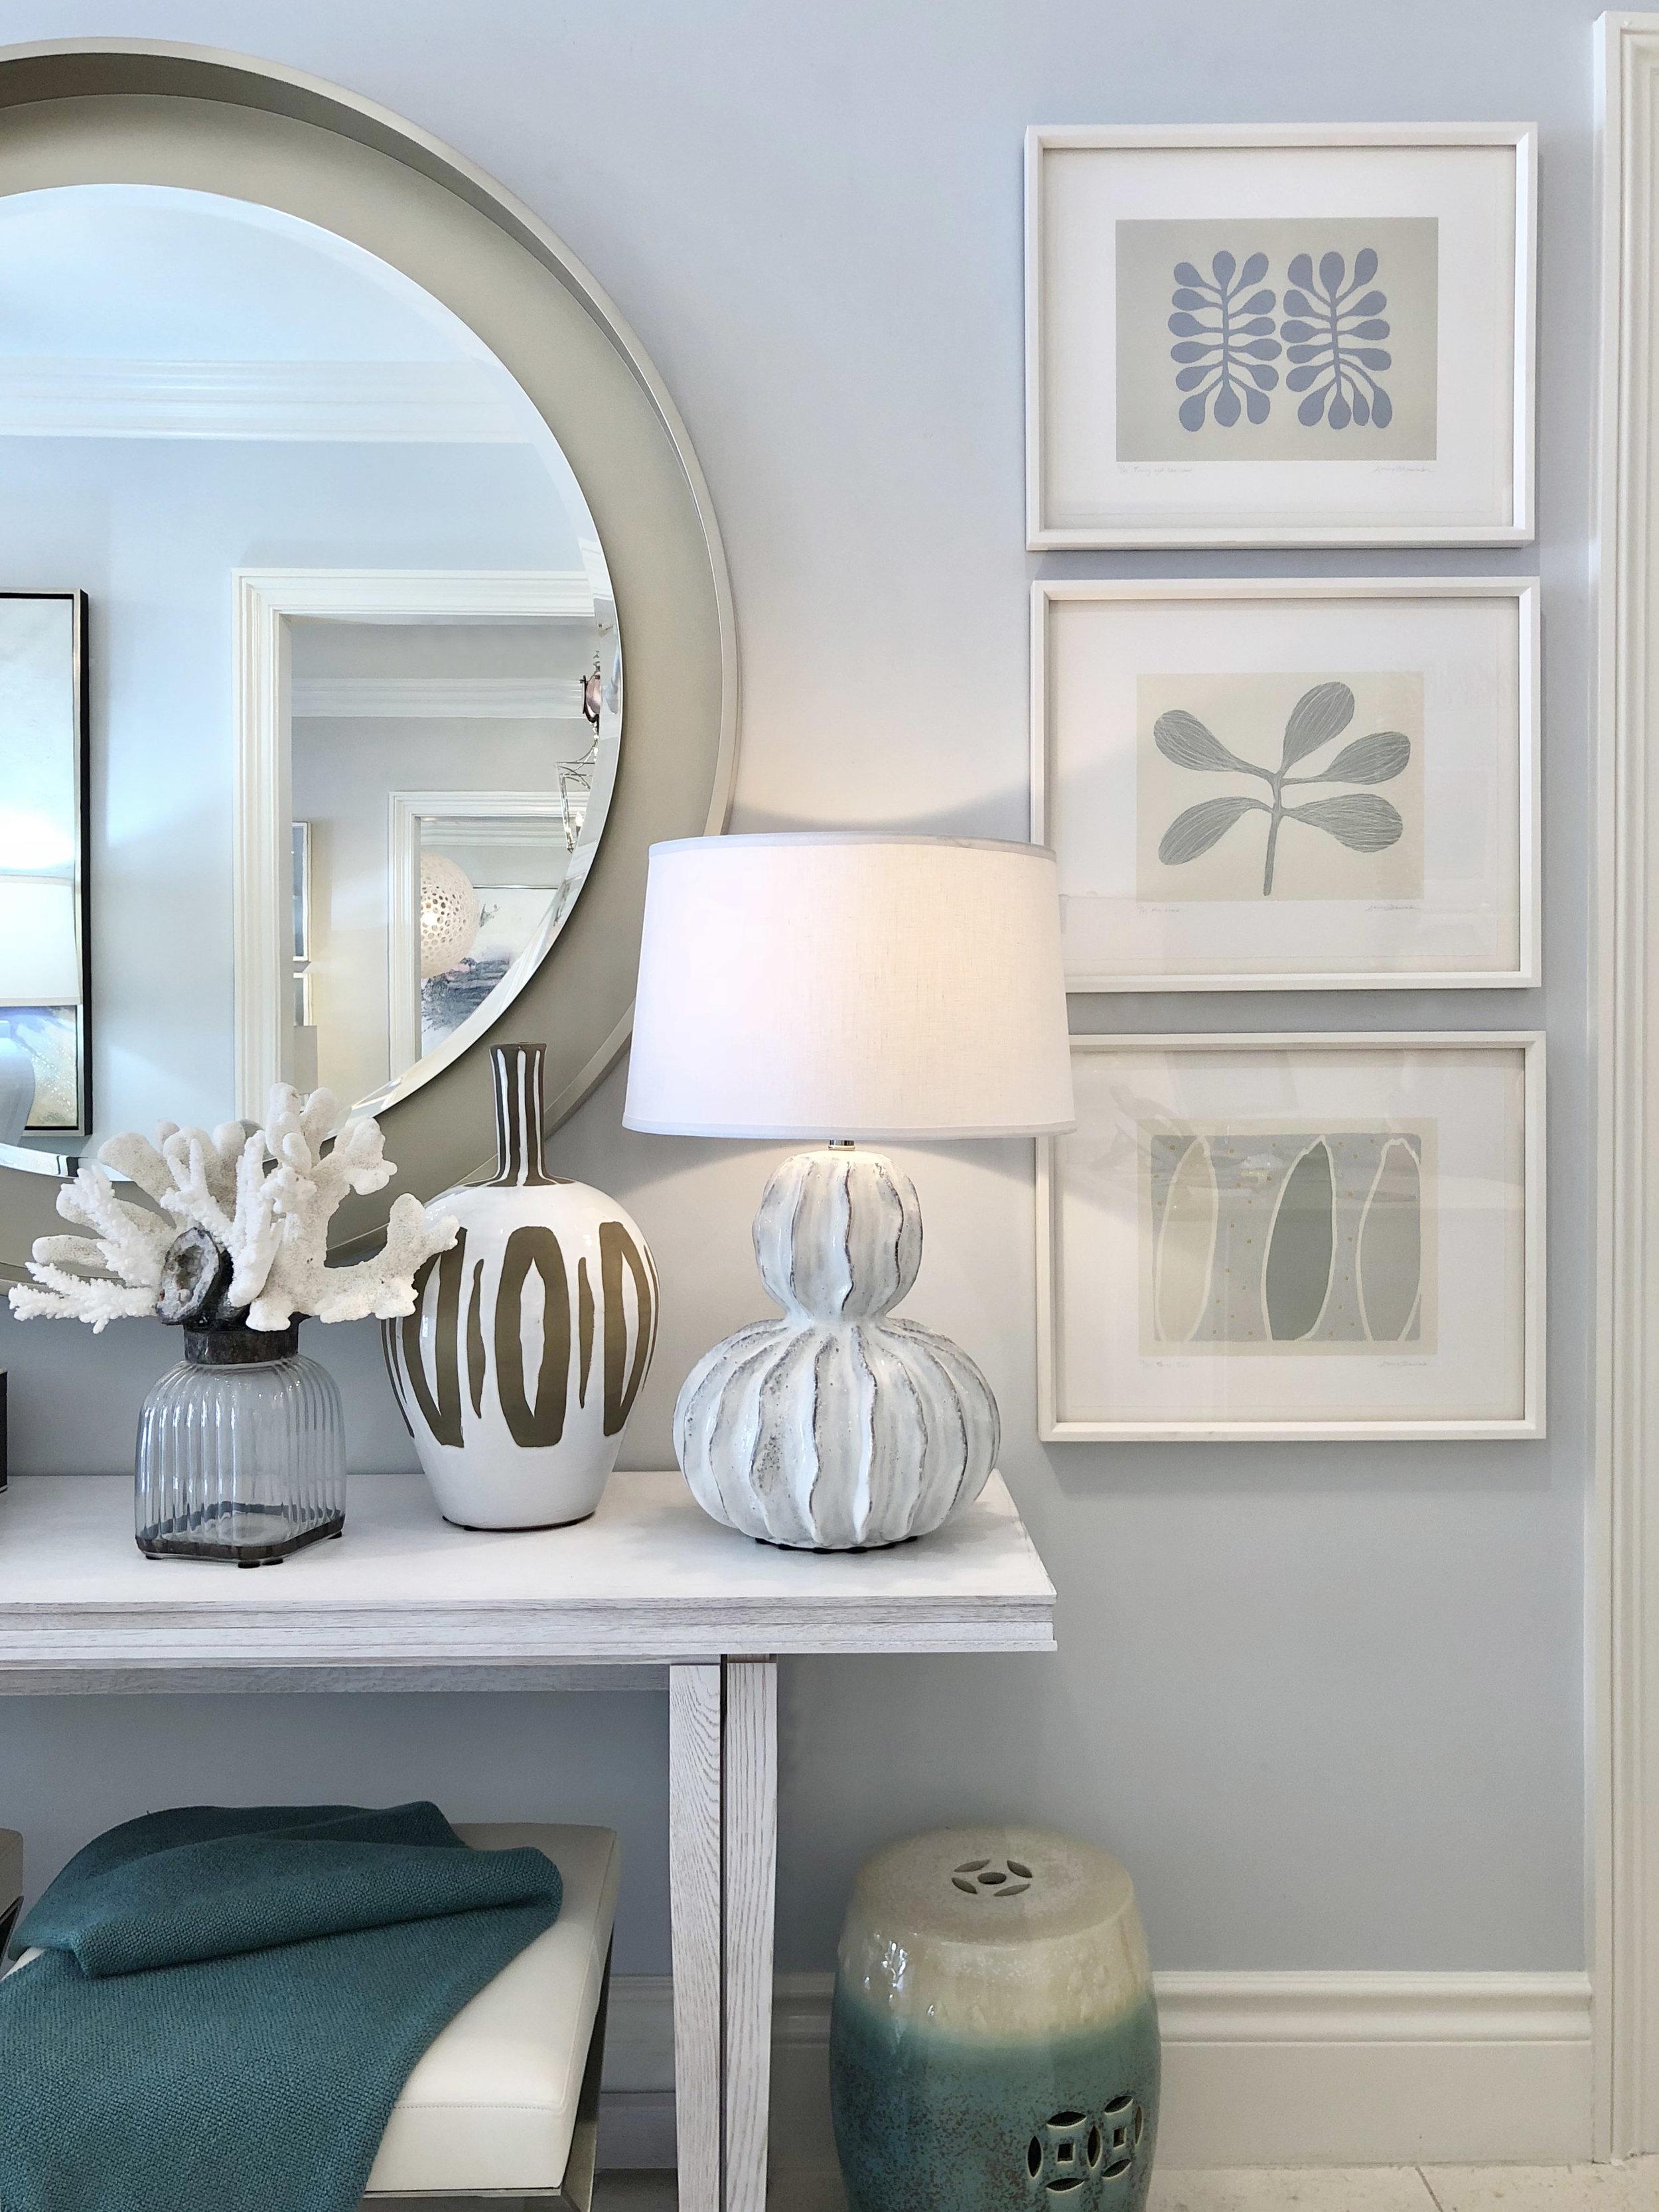 Ocean Gourd Table Lamp